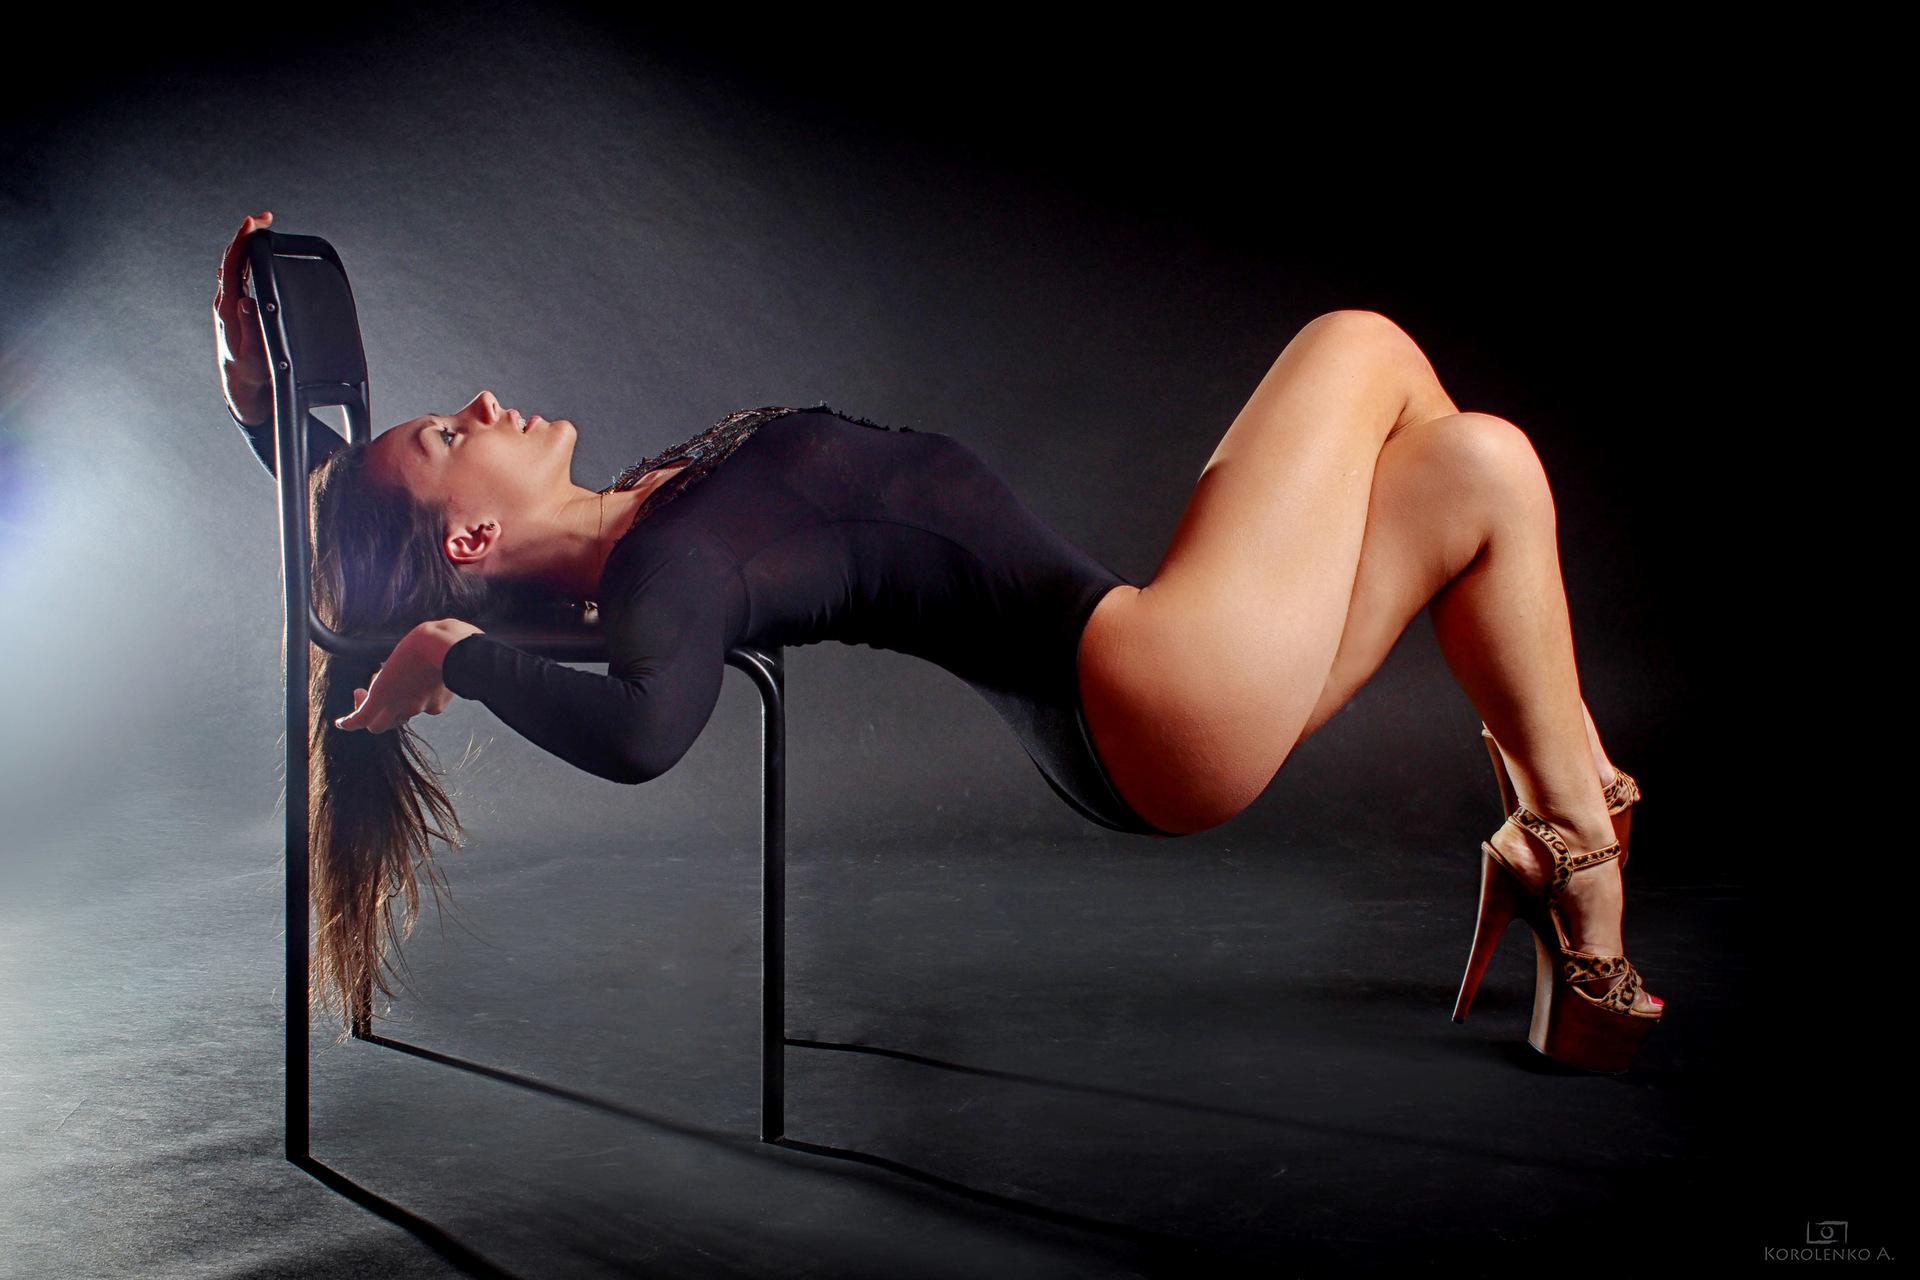 Приватный танец красивый 11 фотография